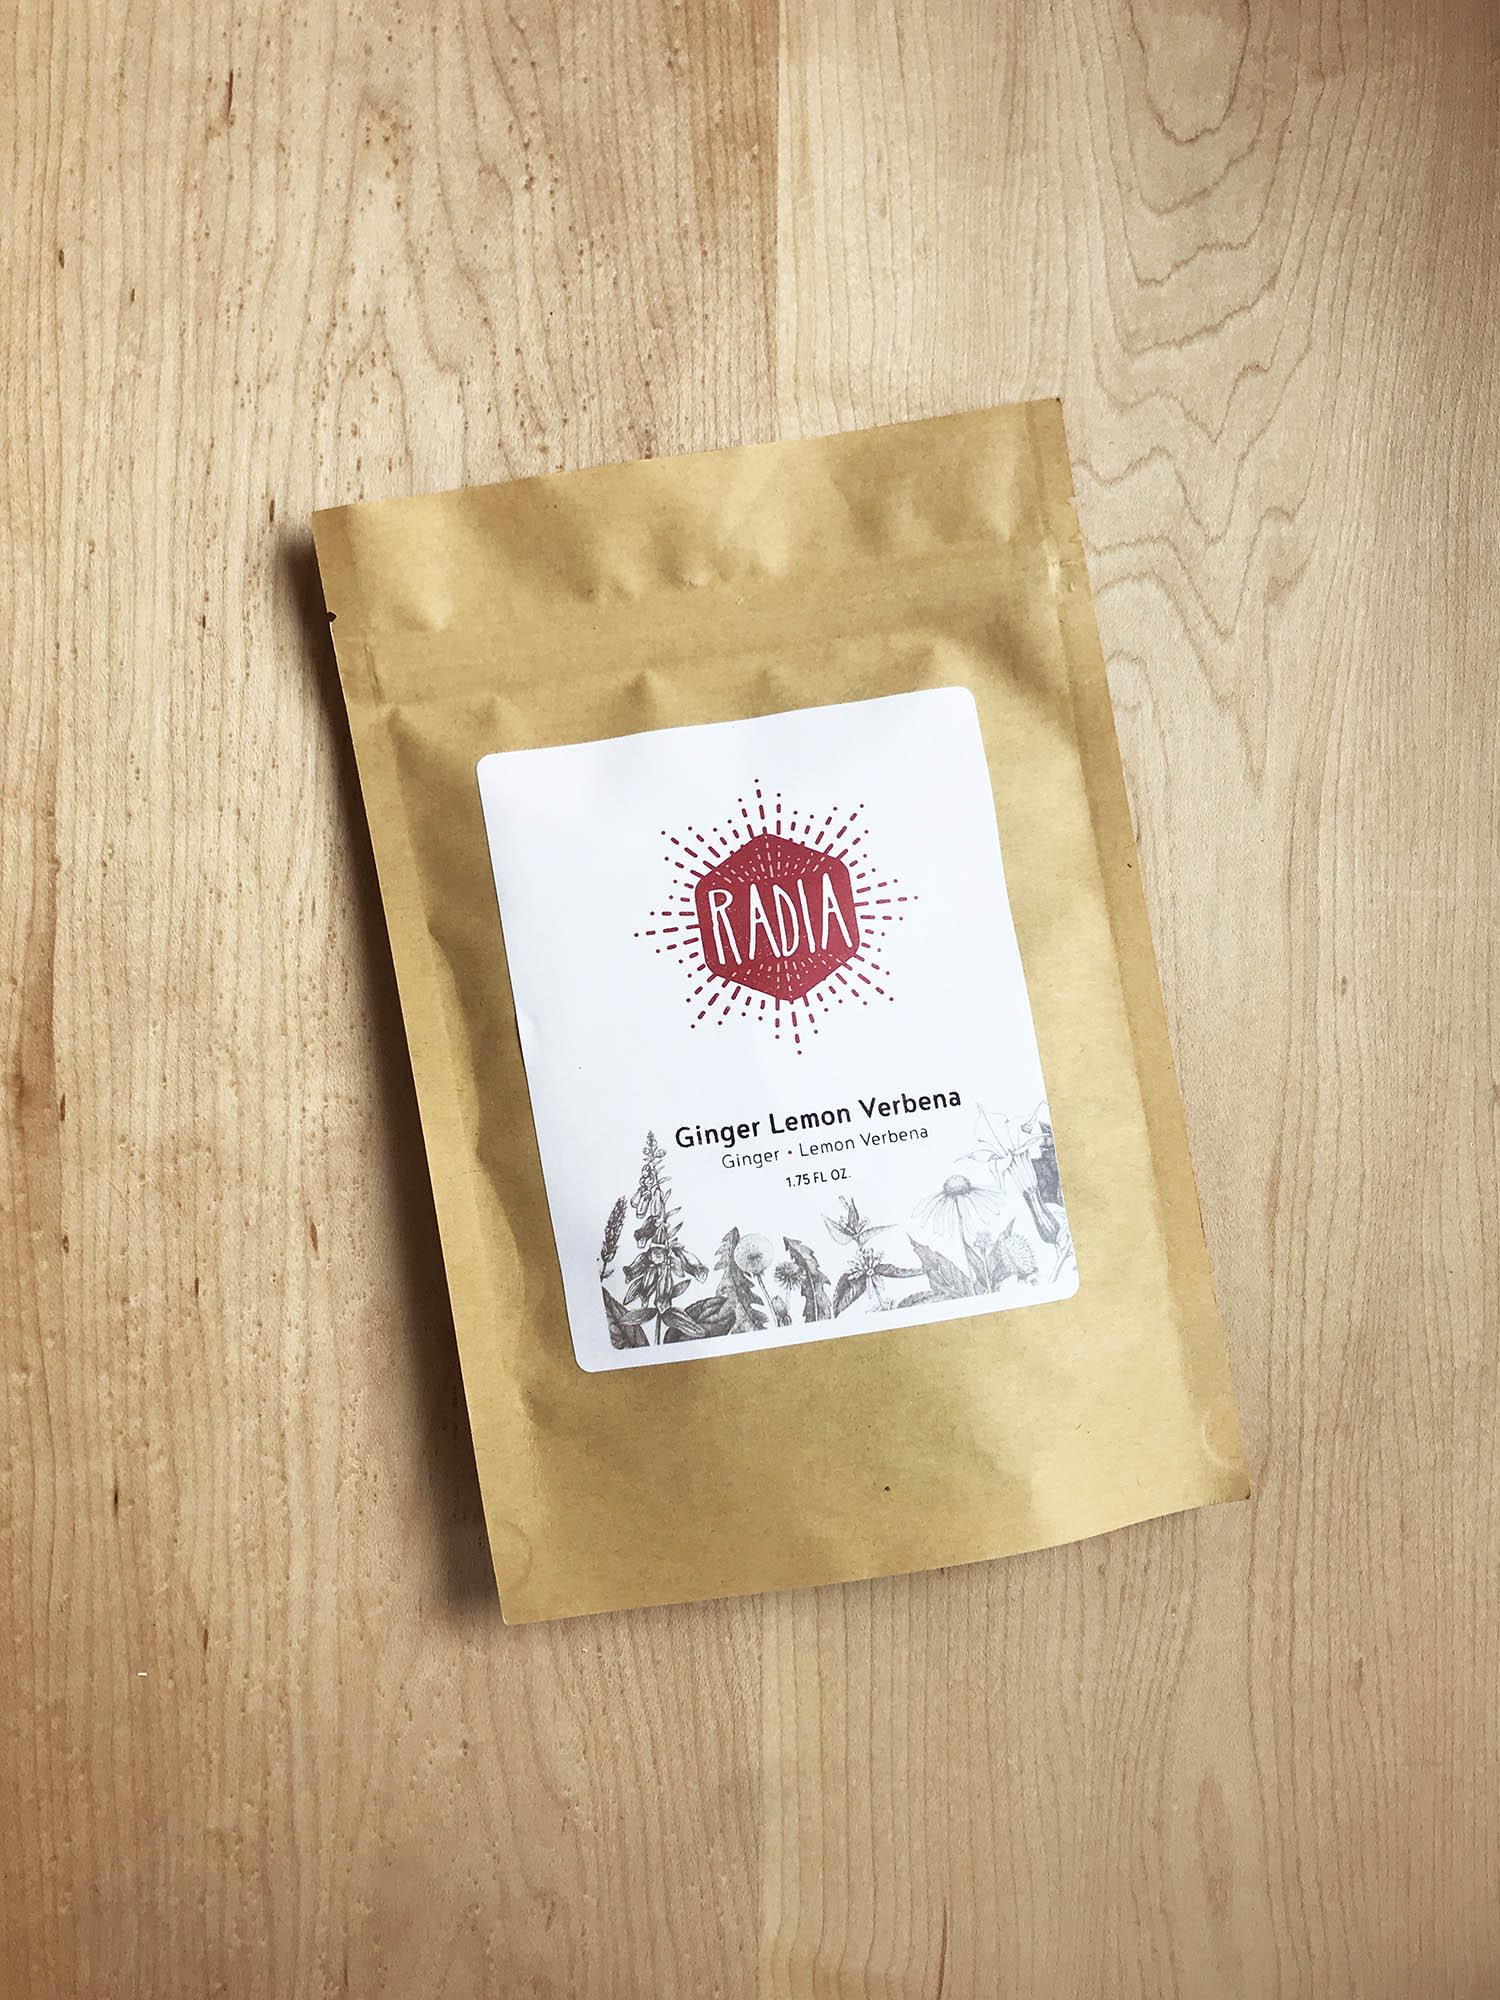 Radia Herbal Teas-4